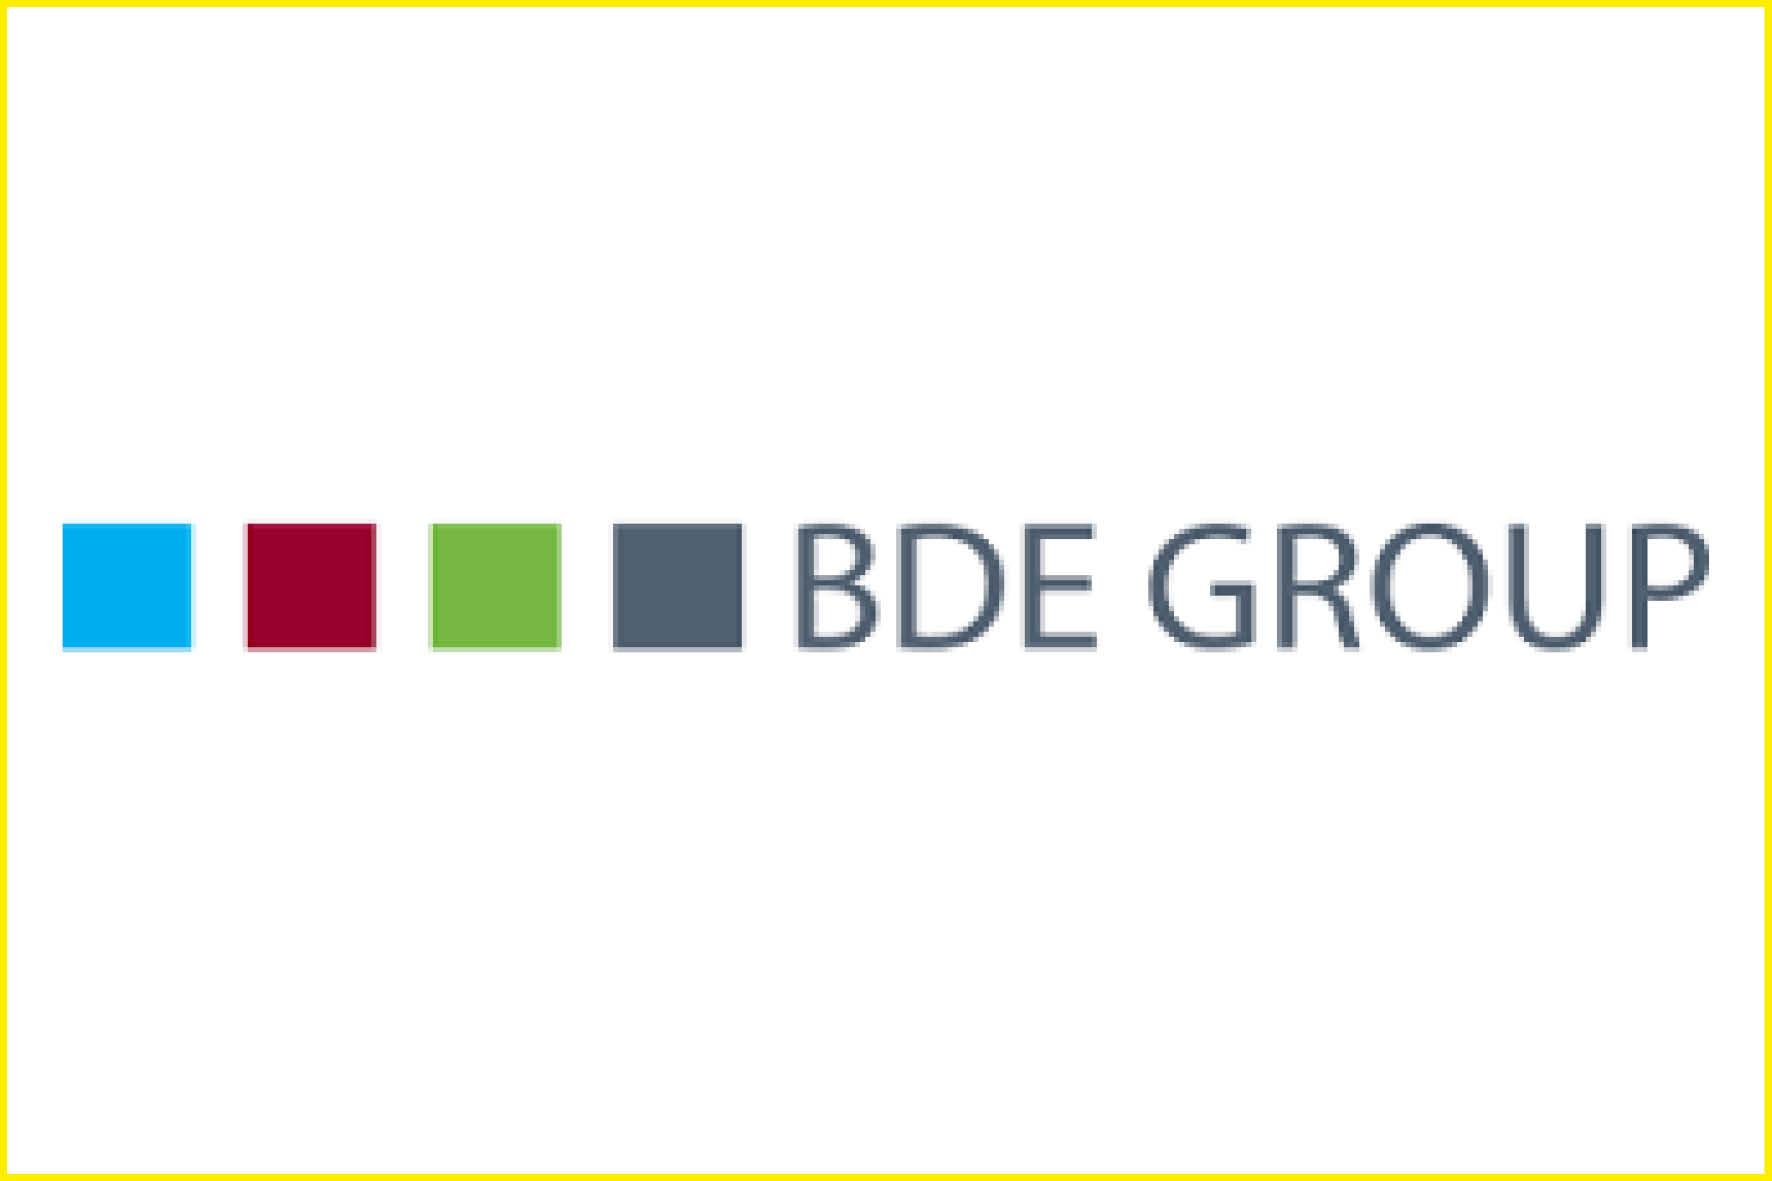 mark-com-event-bde-group